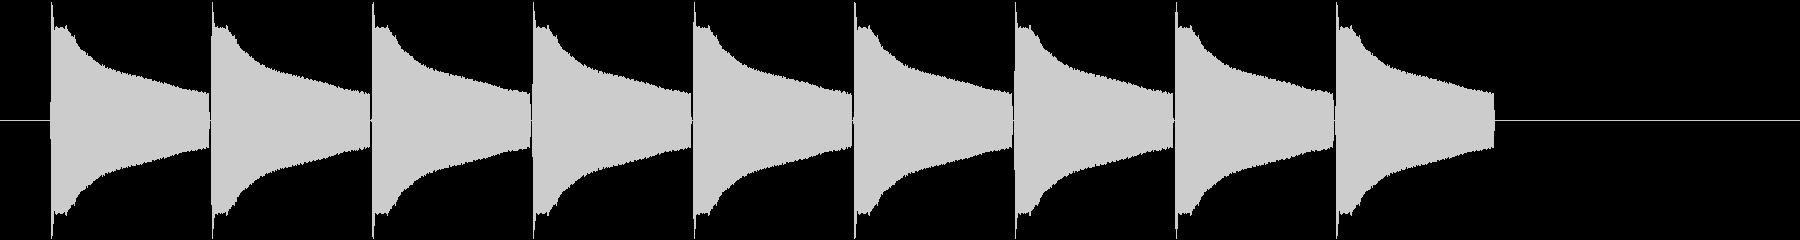 カードアオープンチャイム;電子警告...の未再生の波形